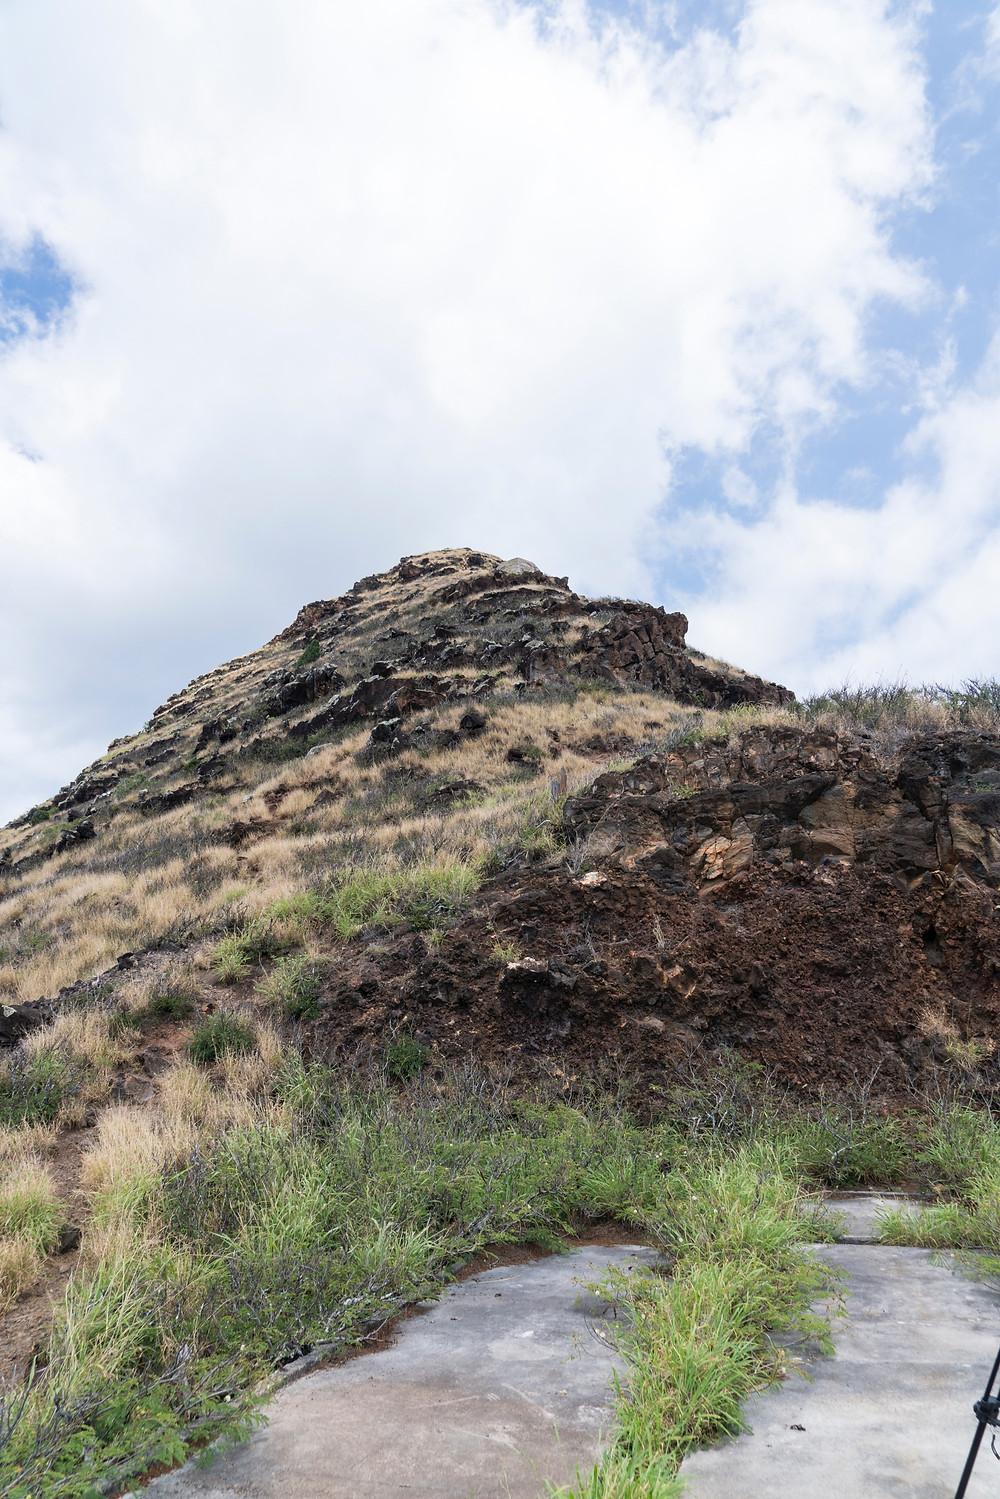 最初のピルボックスの背後の斜面。そこから見える山の頂上すぐ下にピルボックスの影が(Photo/Tomohito Ishimaru)